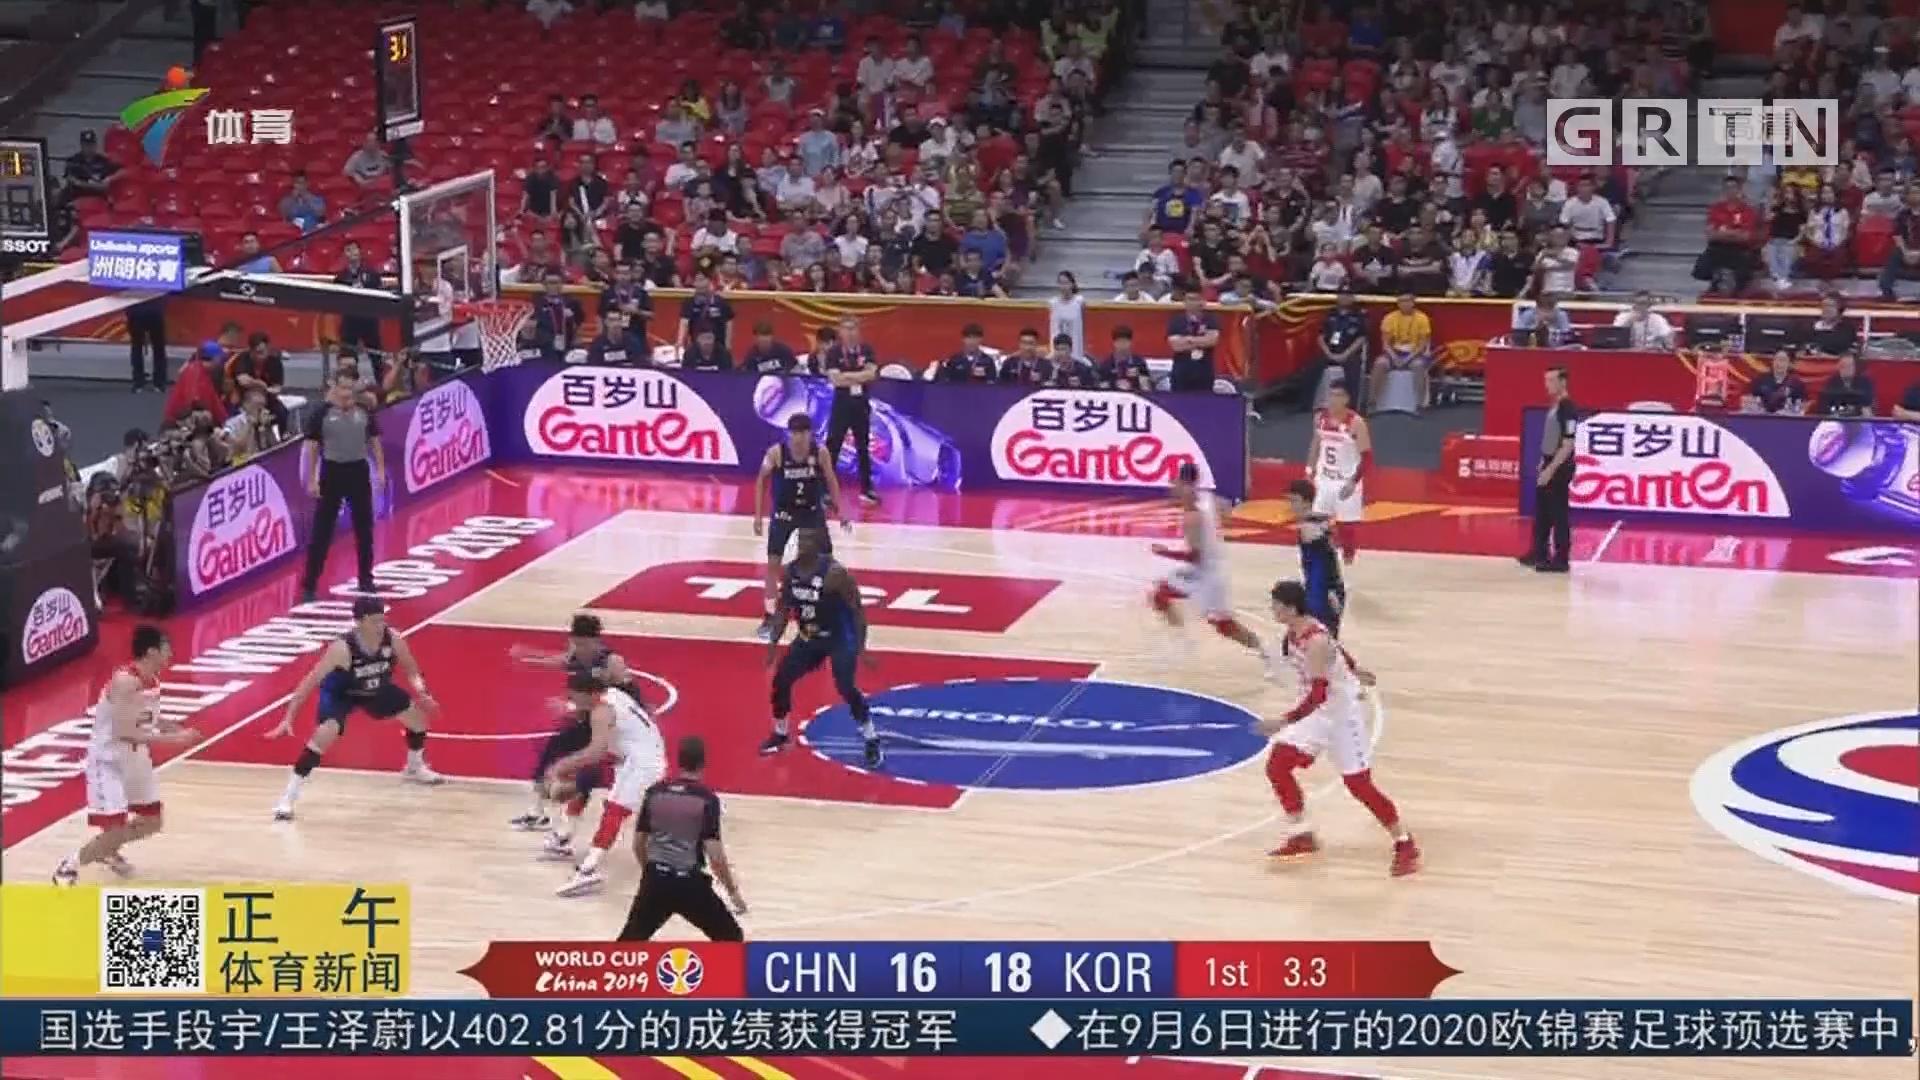 关键时刻体现血腥 中国男篮险胜韩国